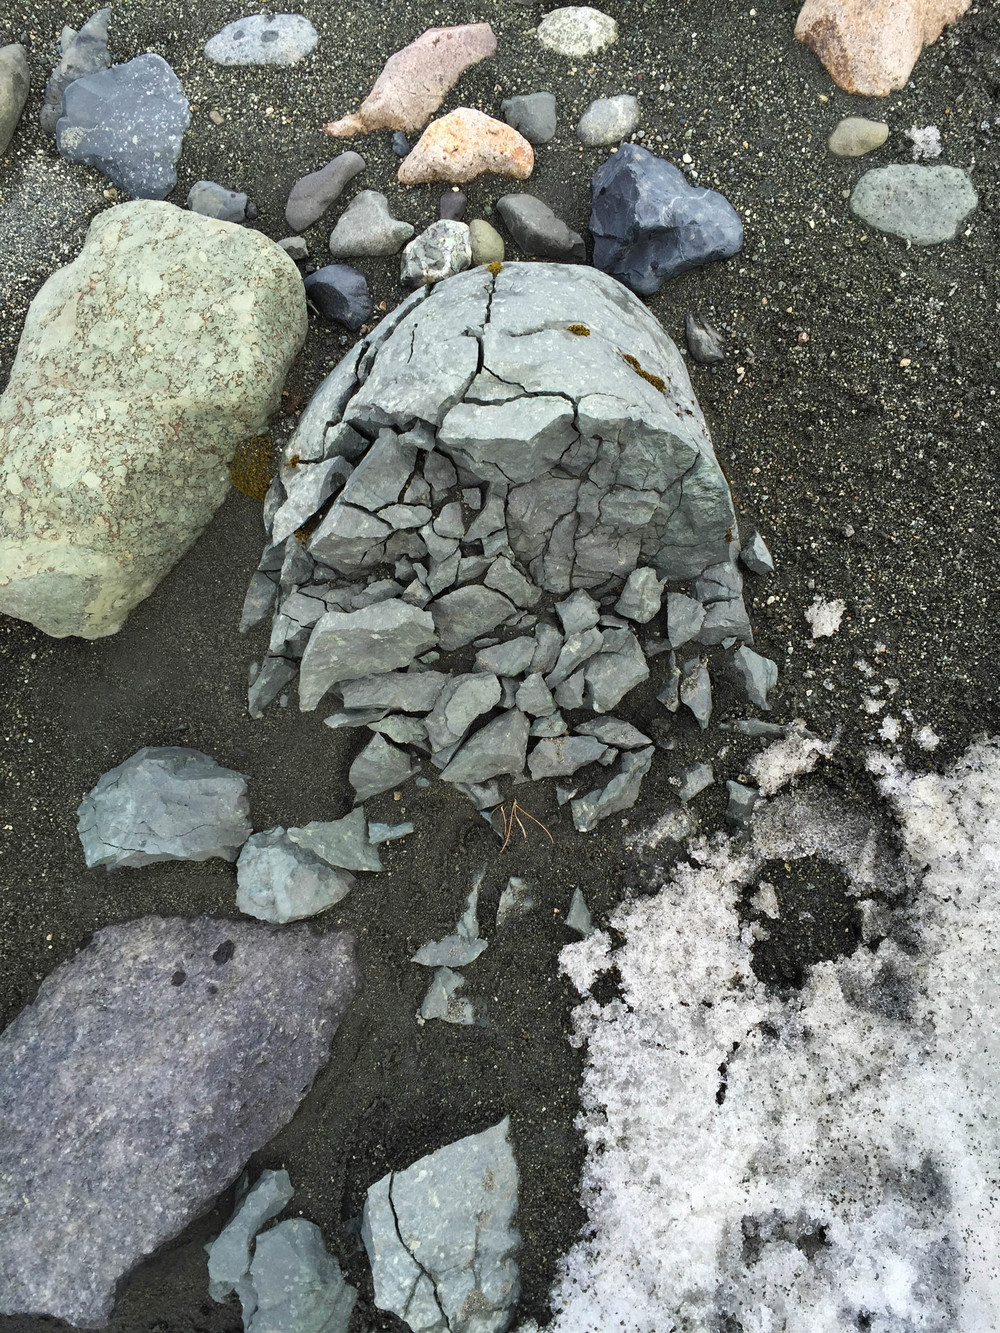 glacier_rock-9.jpg